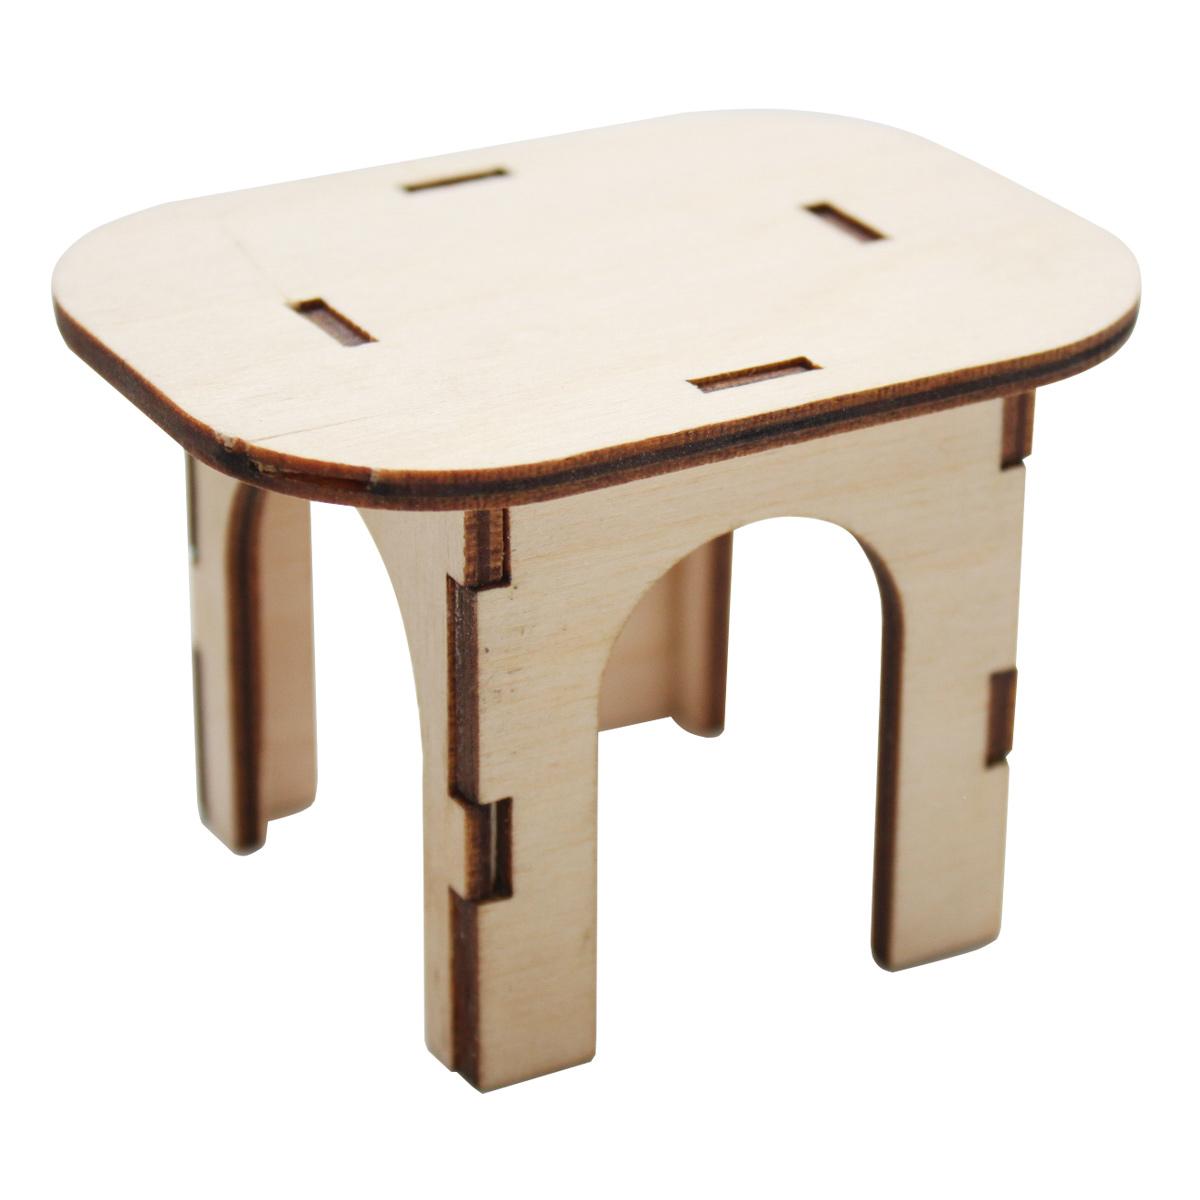 L-507 Деревянная заготовка 'Стол квадратный', 6*8*5,5 см, 'Астра'